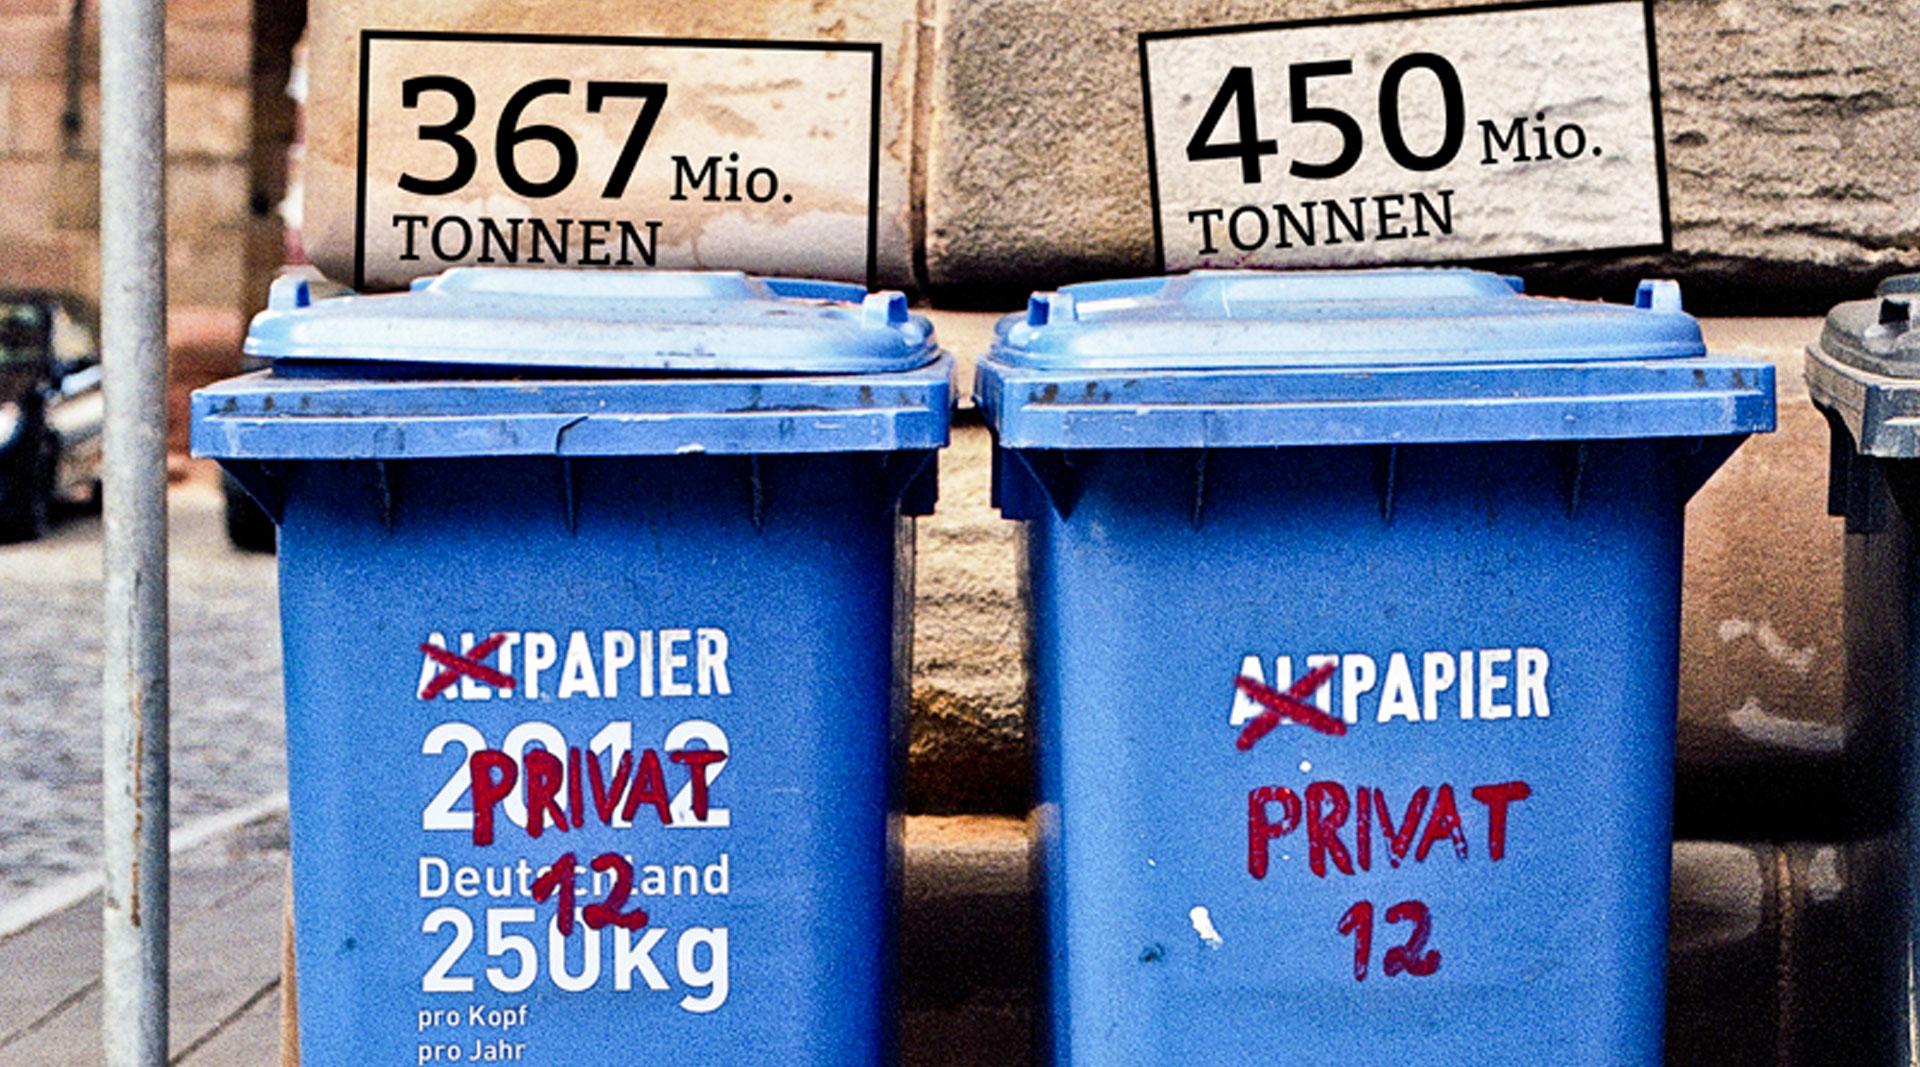 Papierverbrauch